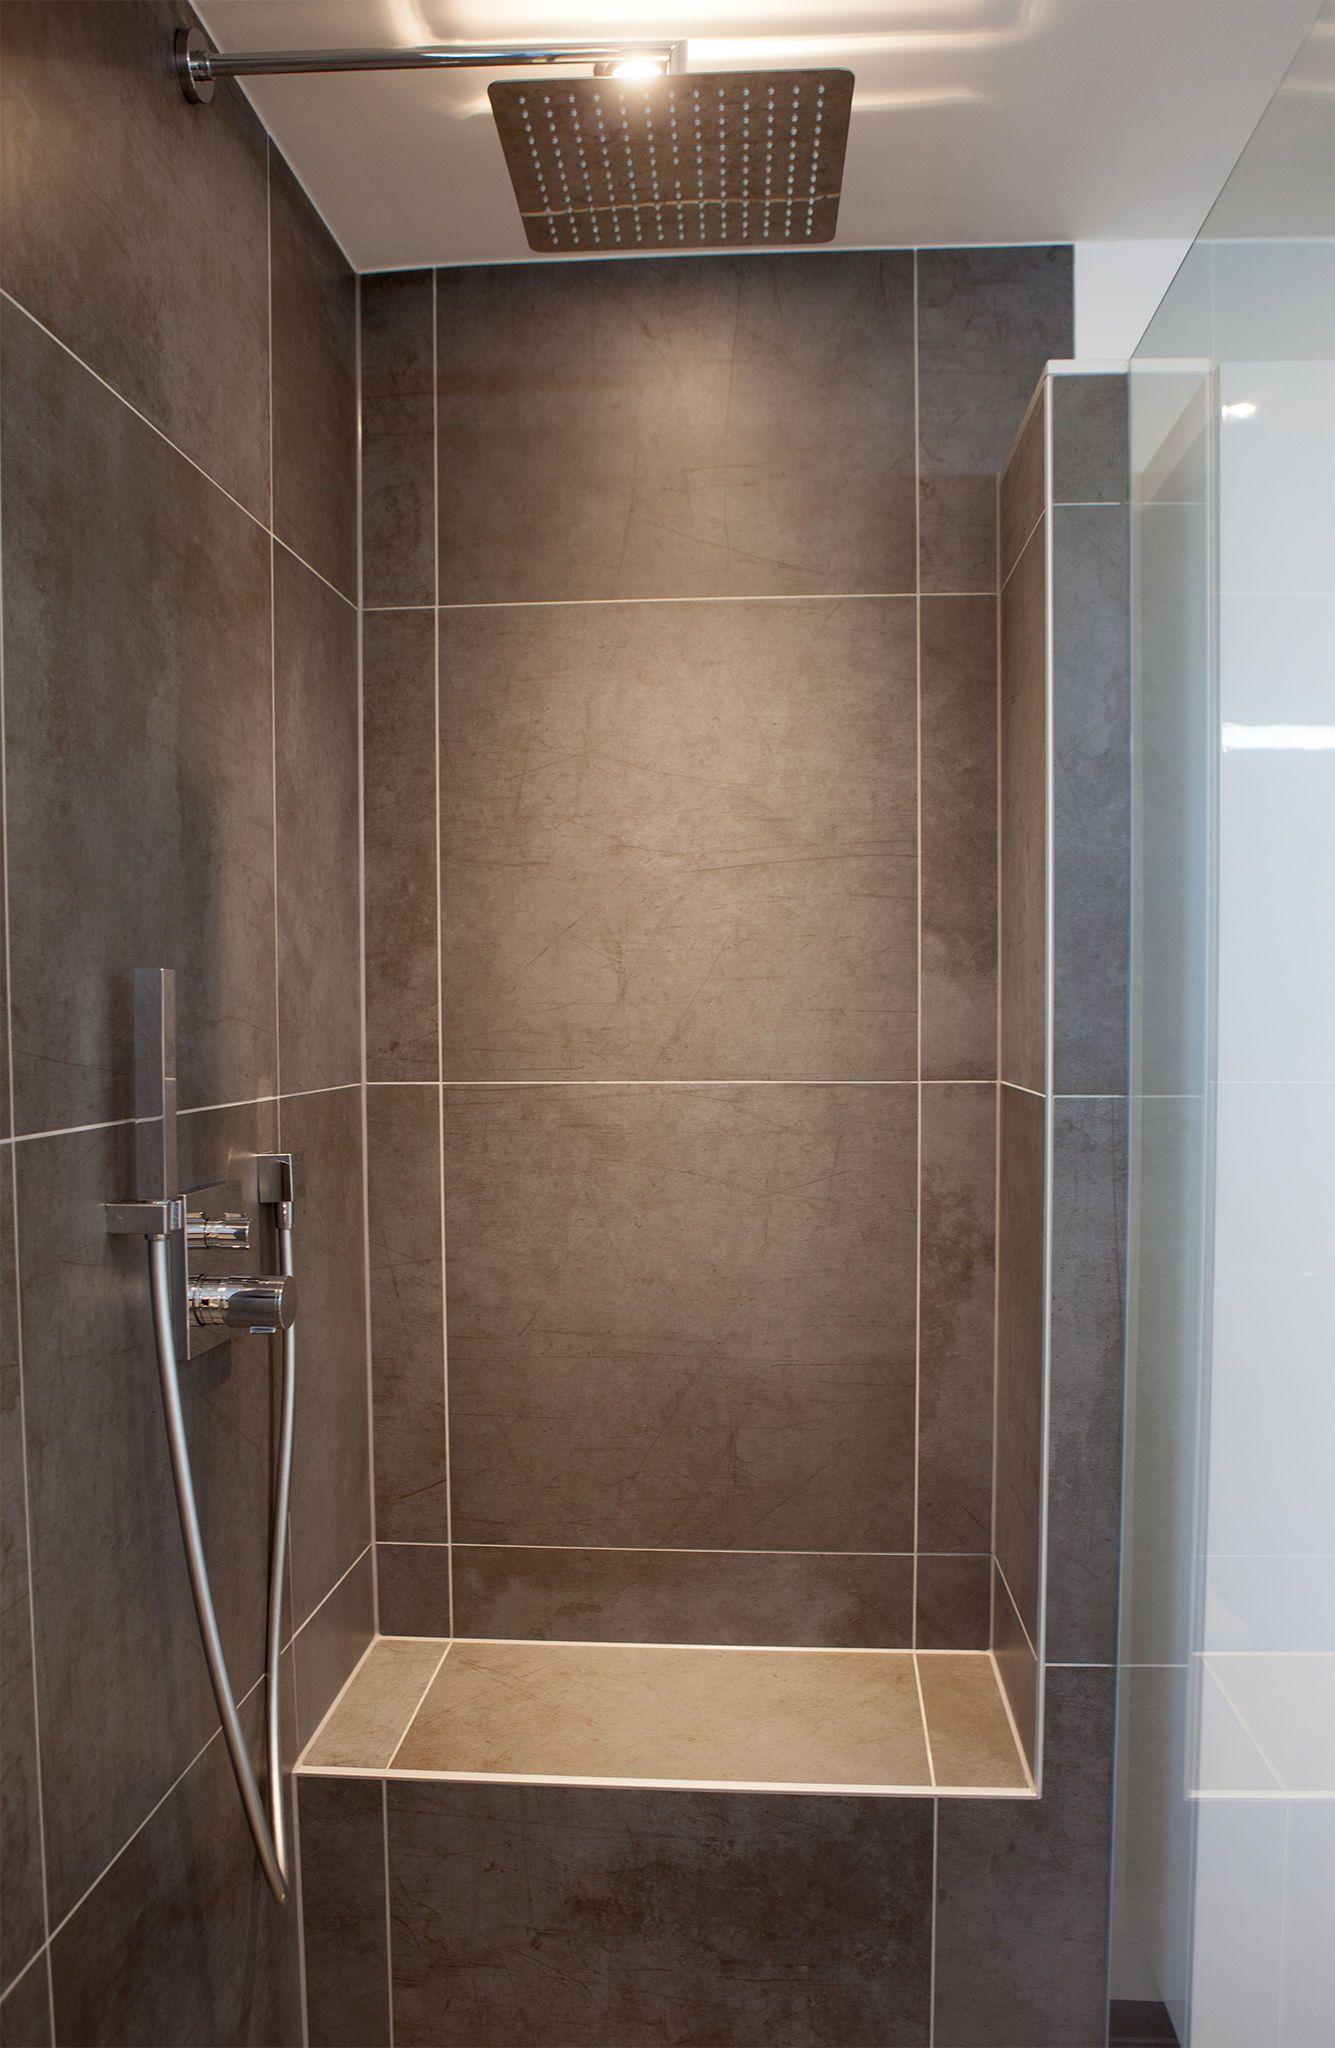 Full Size of Begehbare Duschen Badezimmer Dusche Sprinz Schulte Hsk Hüppe Fliesen Kaufen Breuer Bodengleiche Werksverkauf Ohne Tür Moderne Dusche Begehbare Duschen